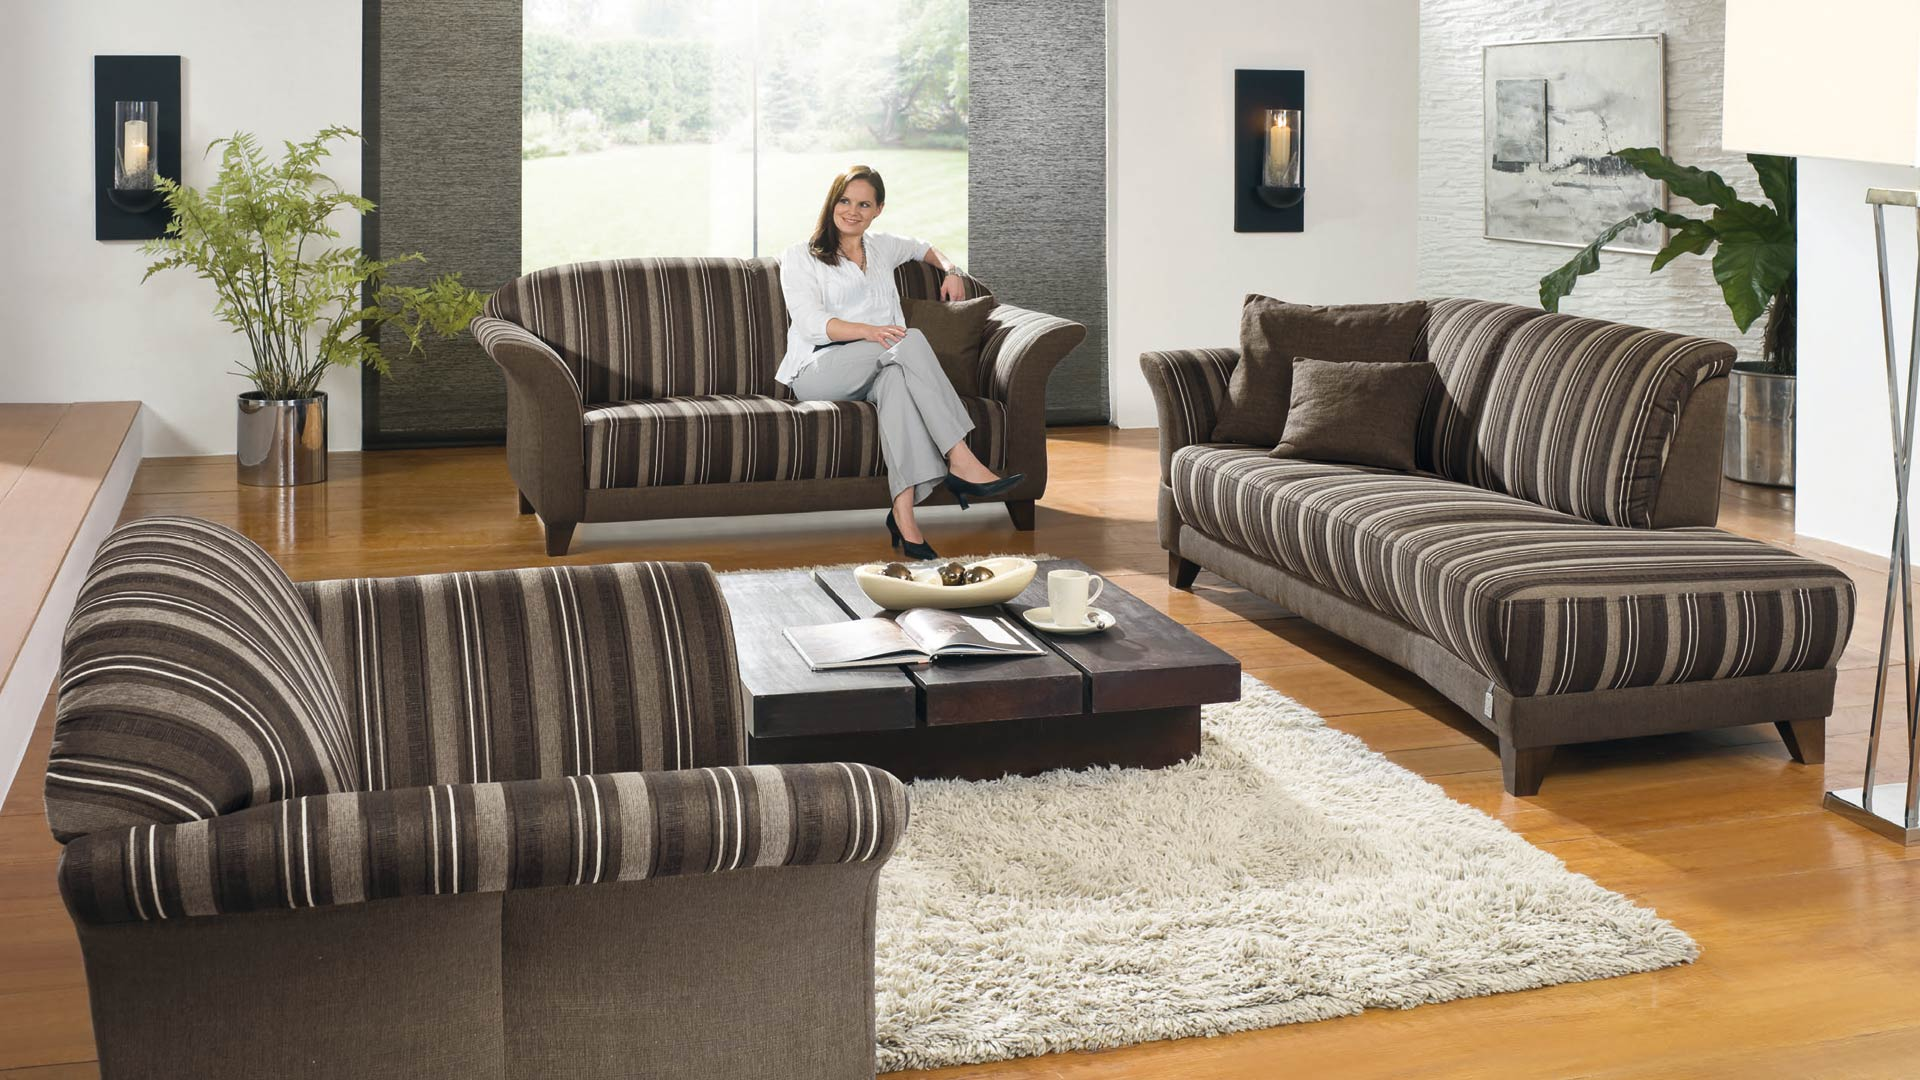 Möbel Borken möbel und küchen in borken nahe bocholt möbel euting